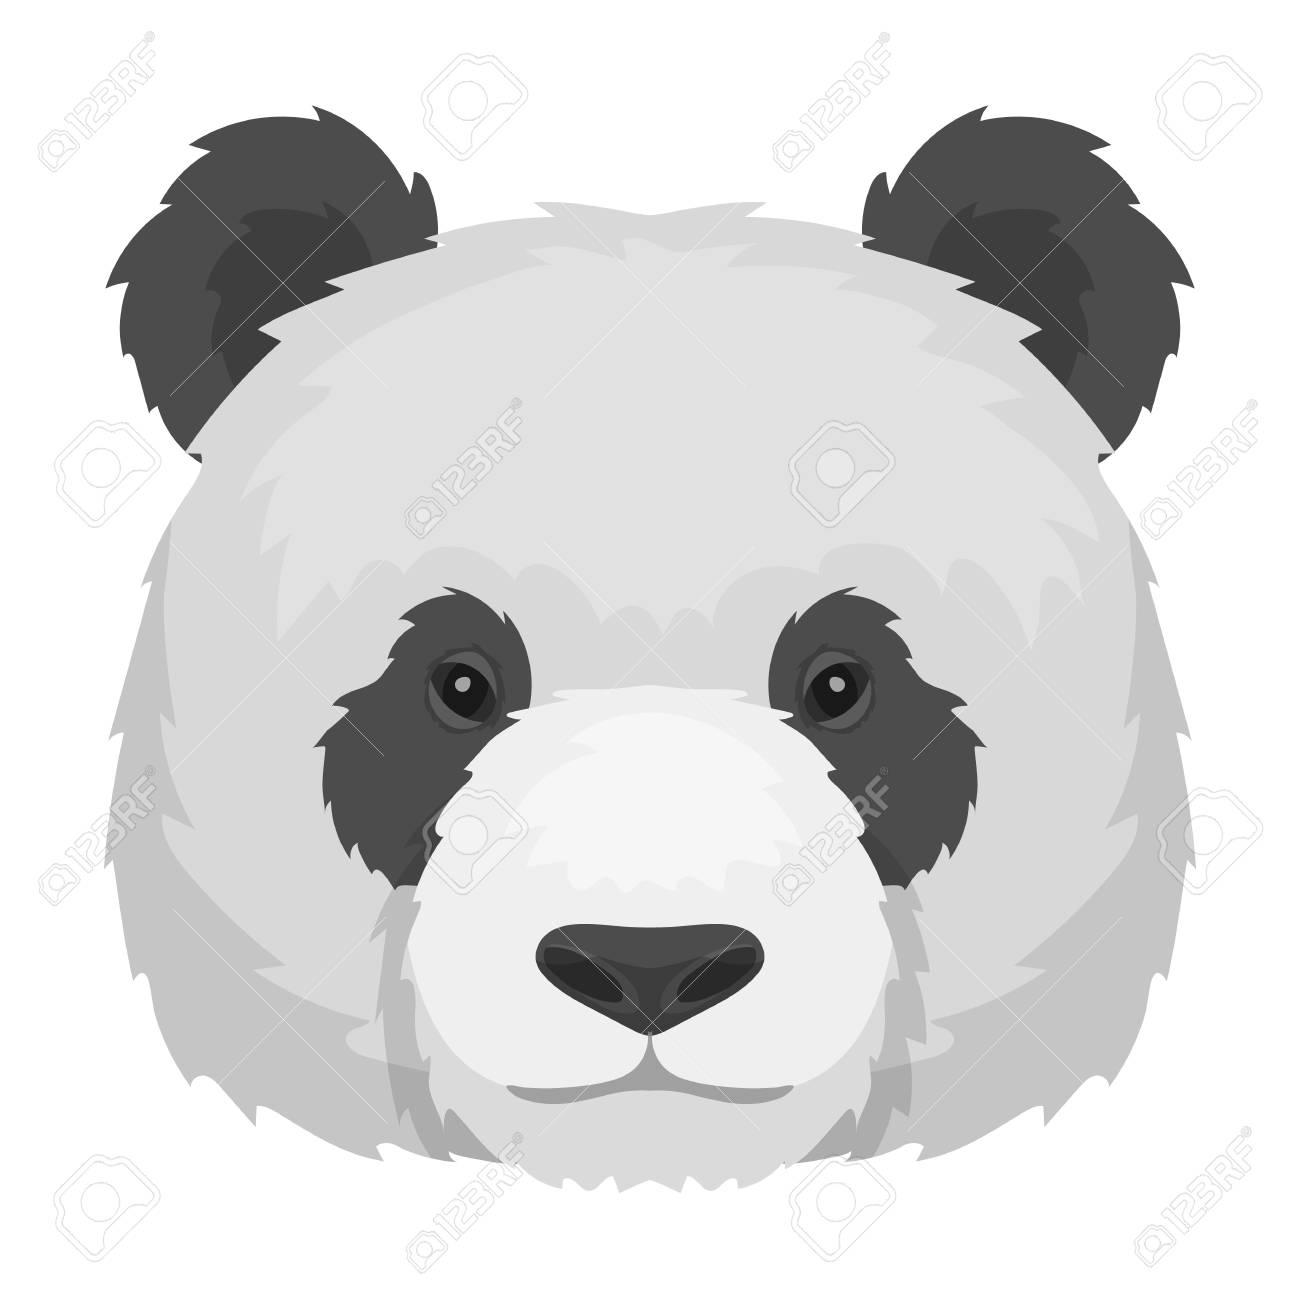 モノクロ デザインの白い背景で隔離のパンダ アイコン。リアルな動物